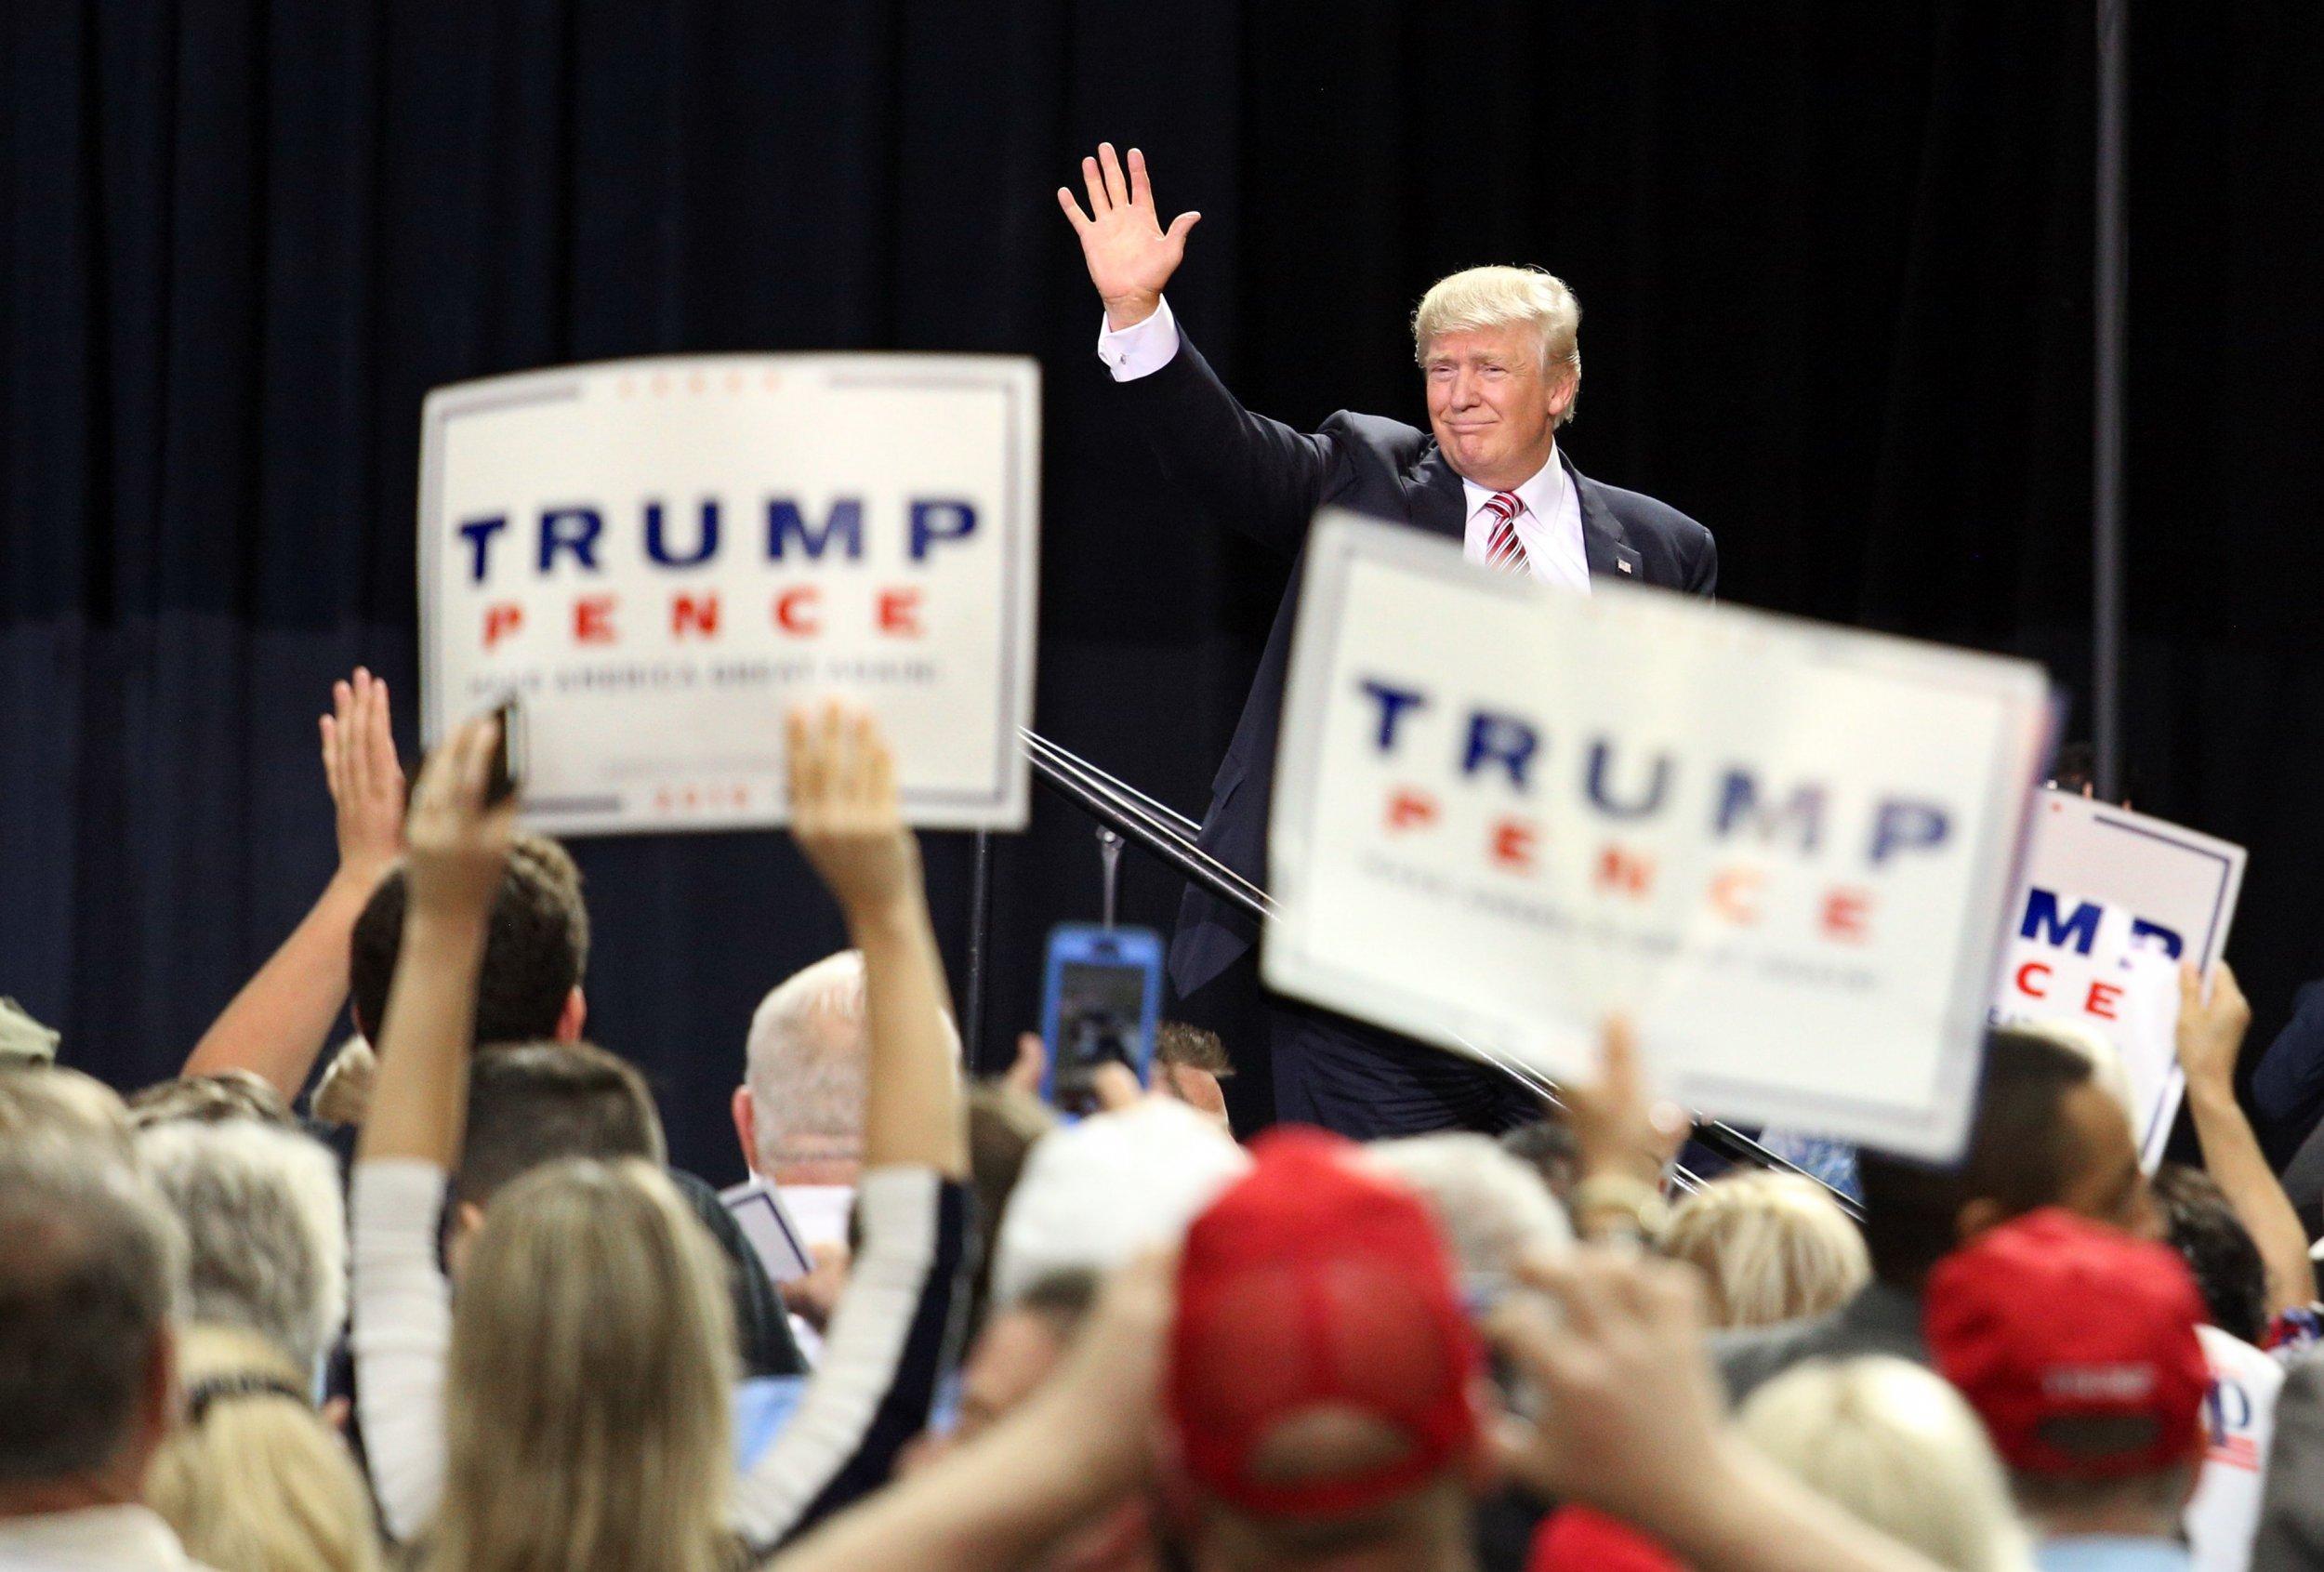 Donald Trump speaking in Florida